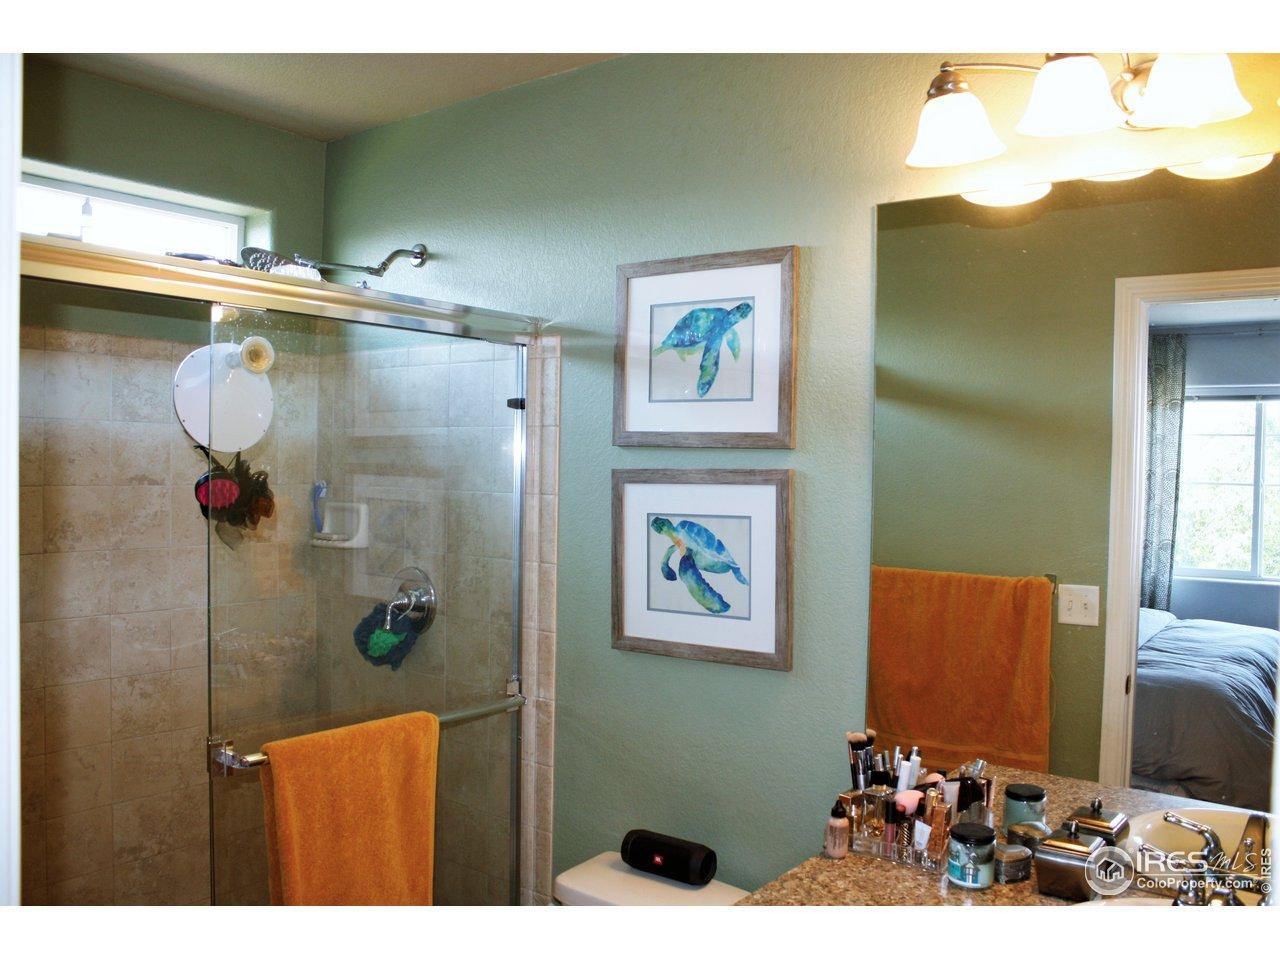 En-Suite Bathroom with tiled shower